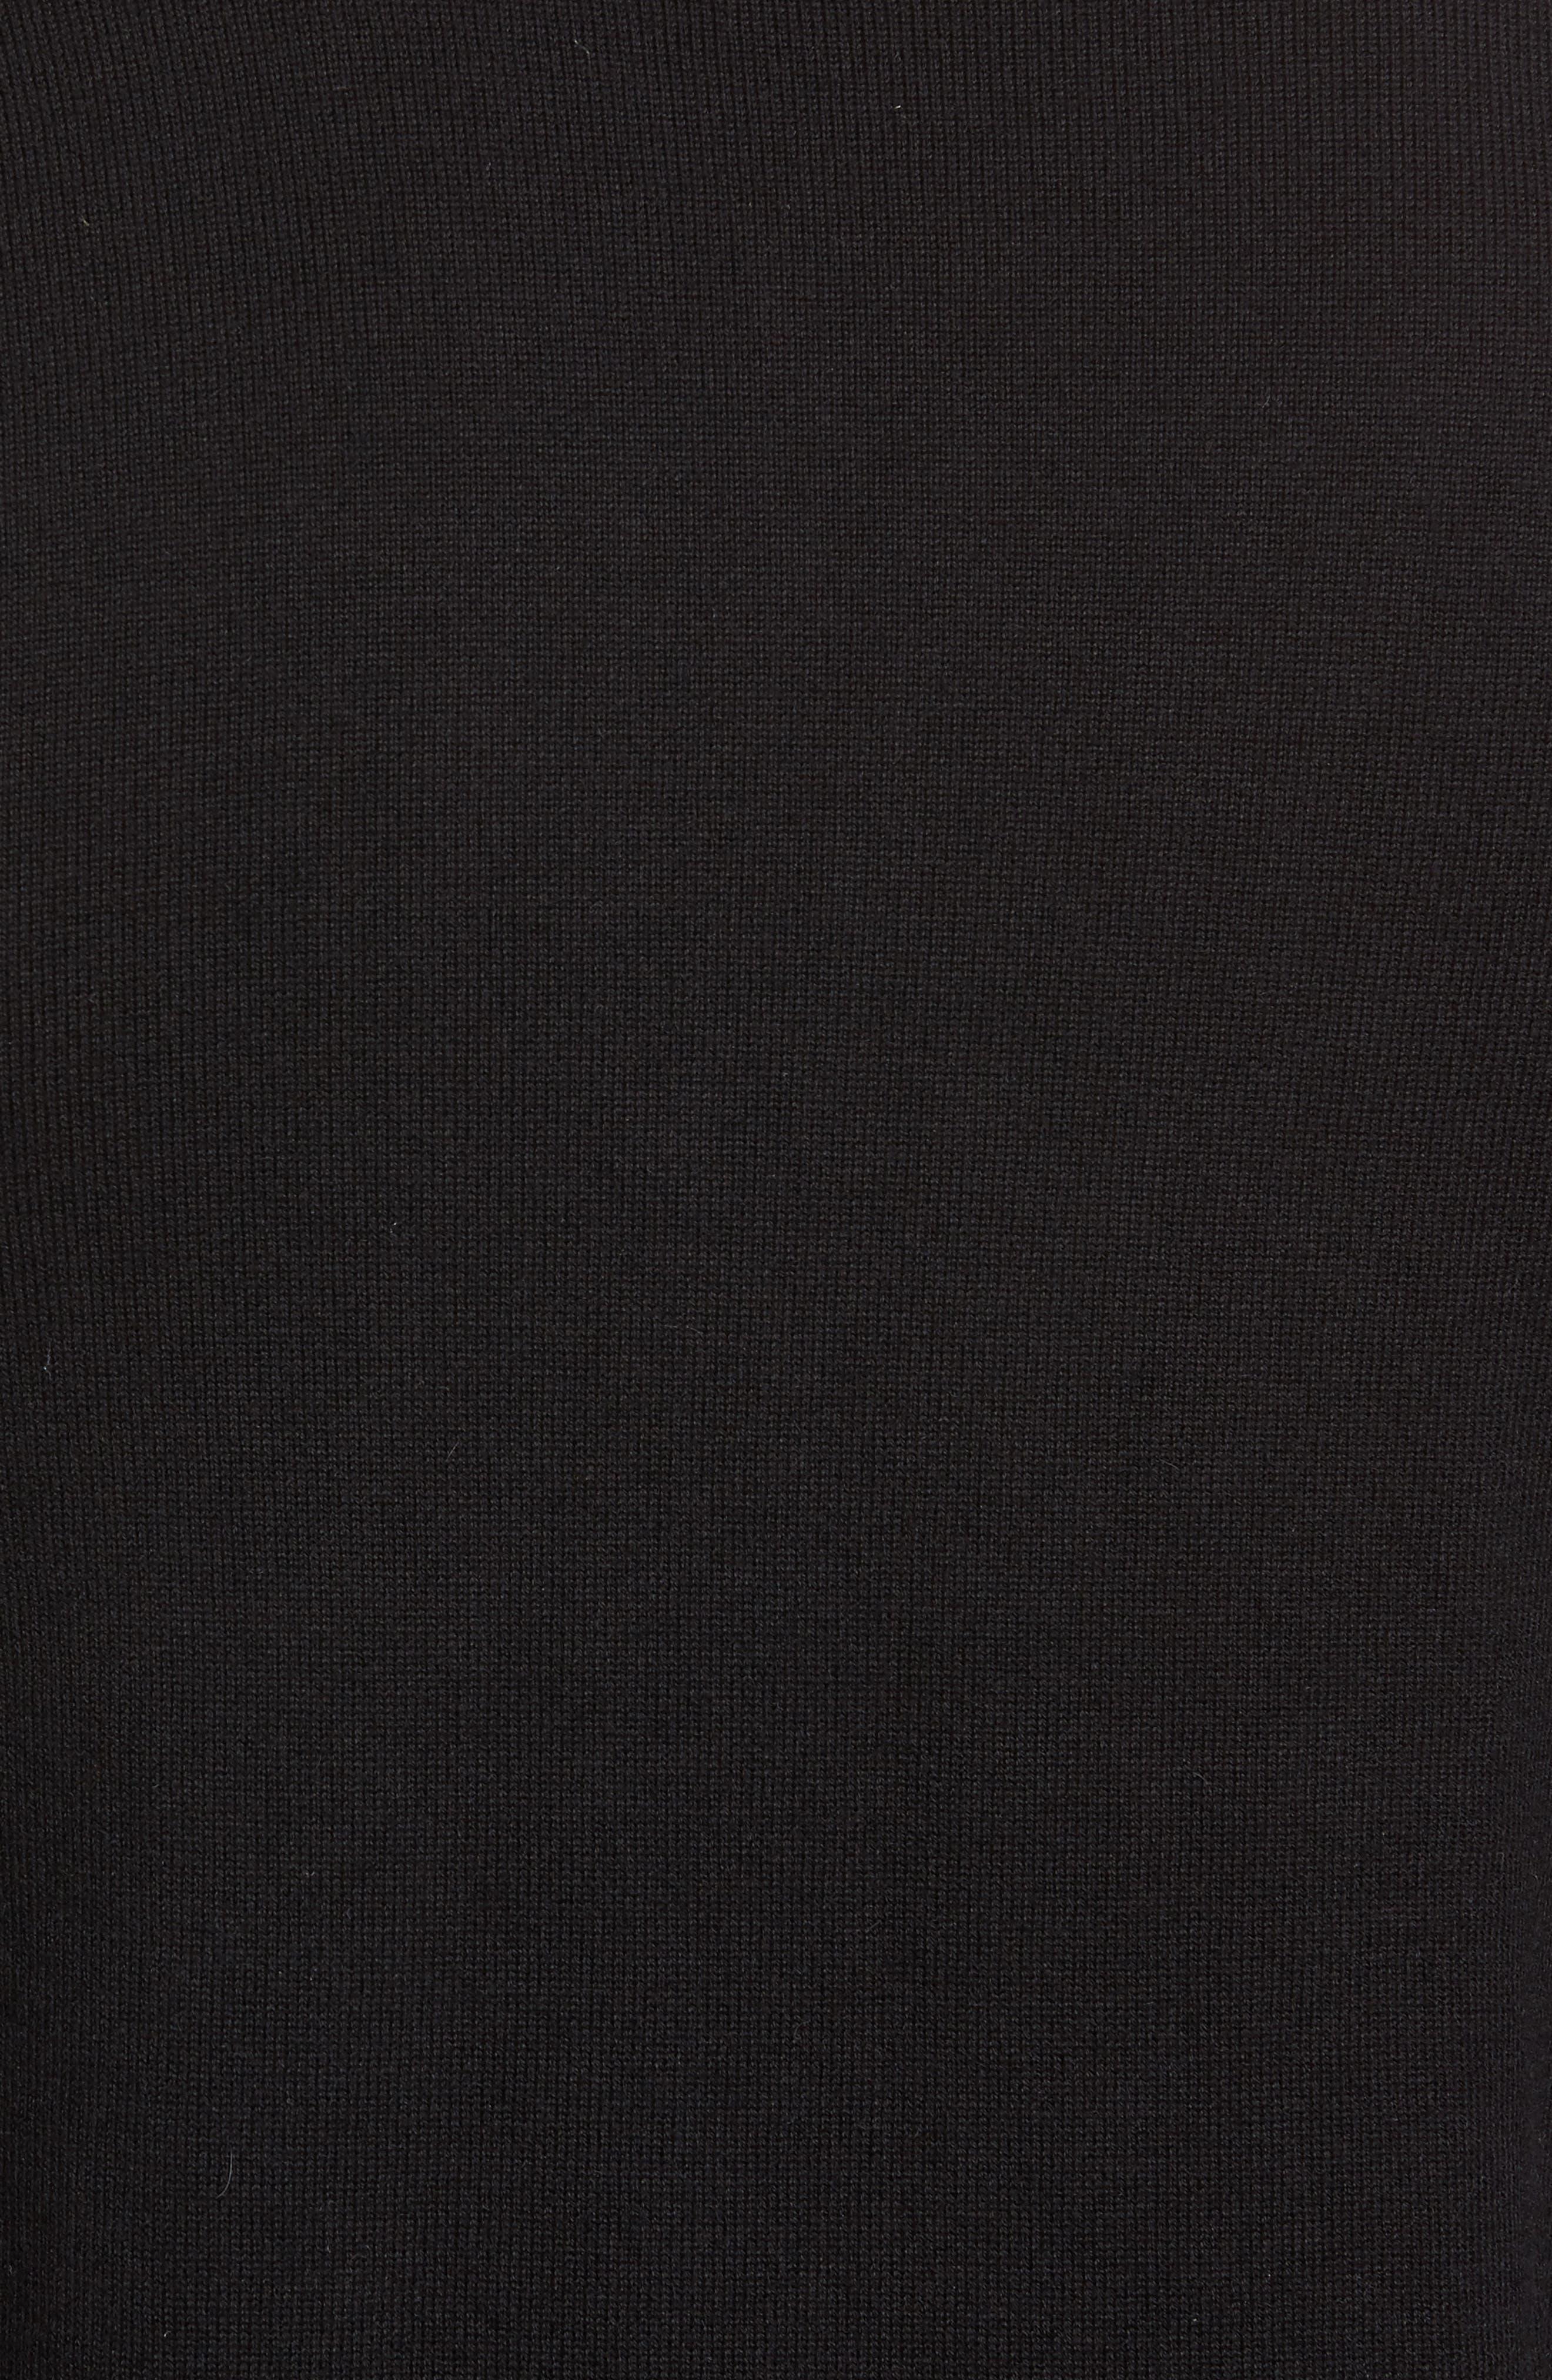 Cedric Cotton & Cashmere Sweater,                             Alternate thumbnail 5, color,                             La Nouvelle Vague True Black